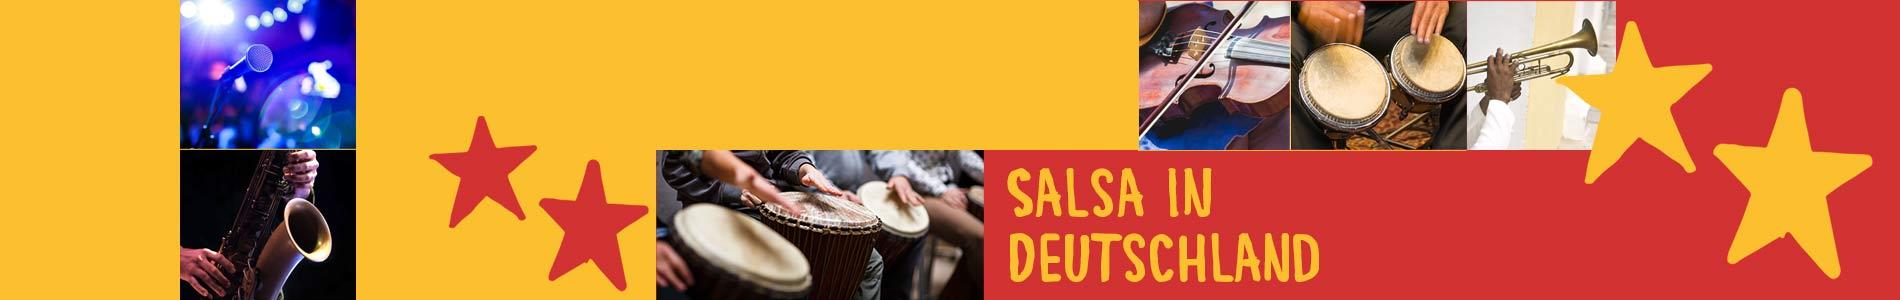 Salsa in Burg – Salsa lernen und tanzen, Tanzkurse, Partys, Veranstaltungen